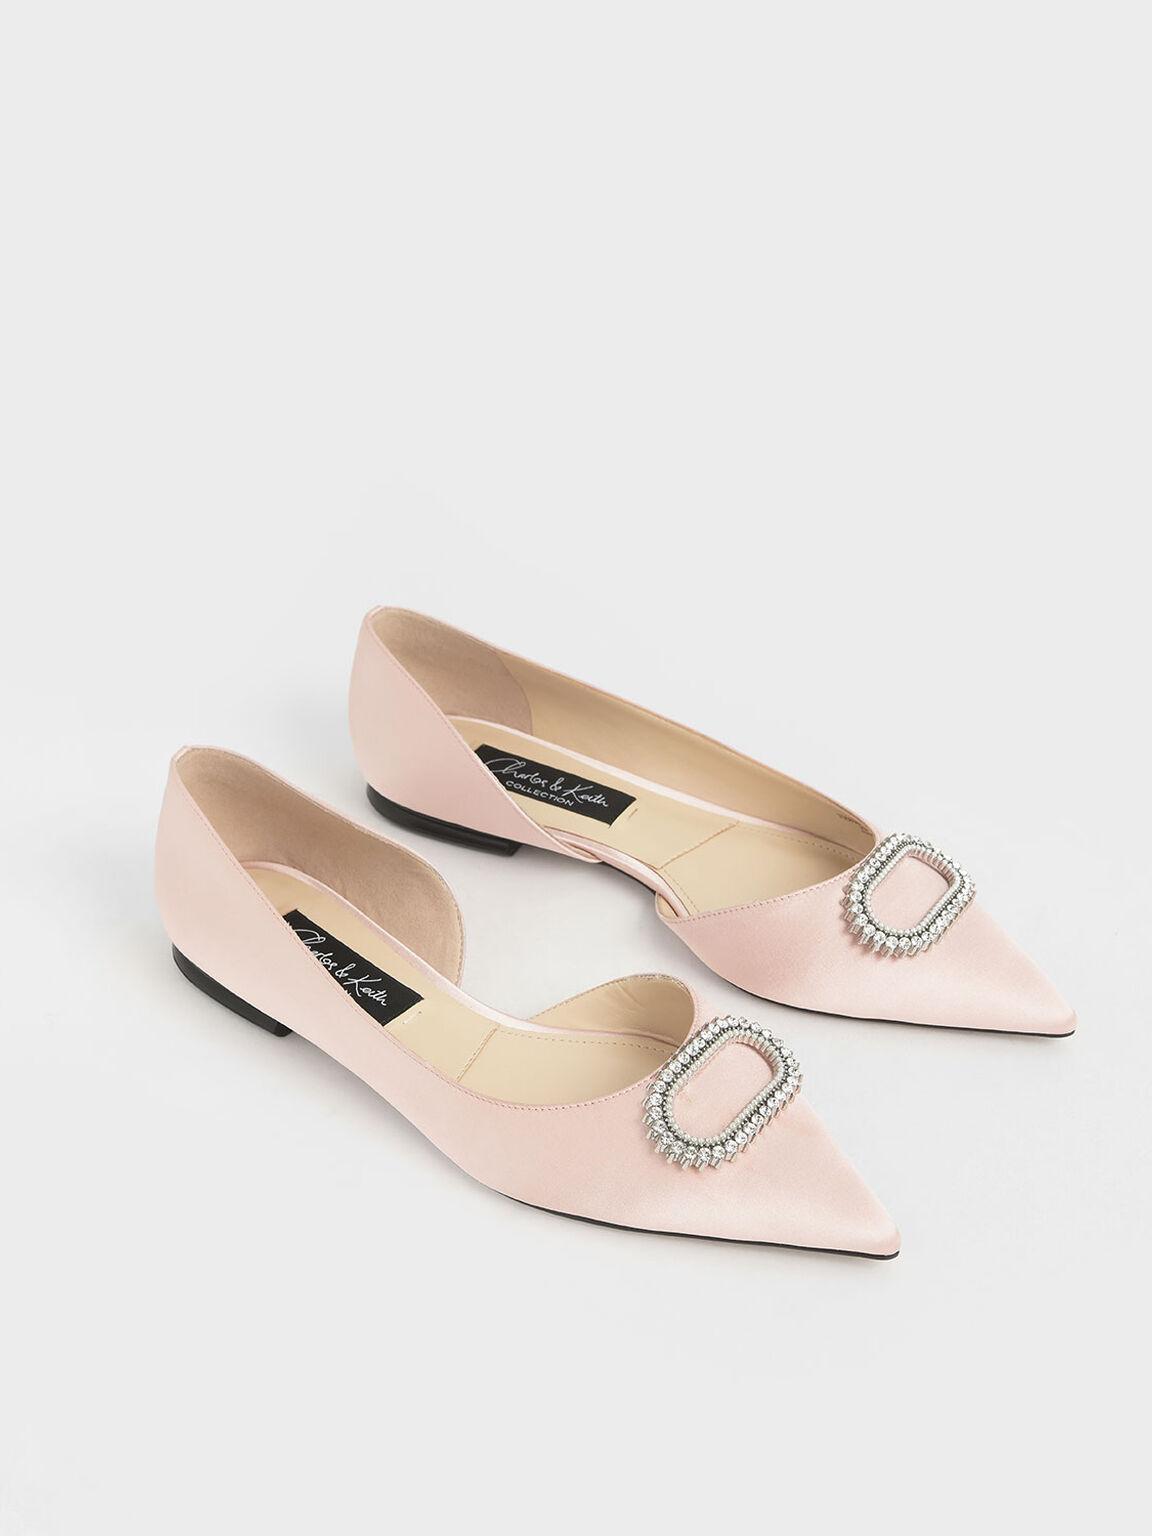 Wedding Collection: Embellished Ballerina Flats, Pink, hi-res